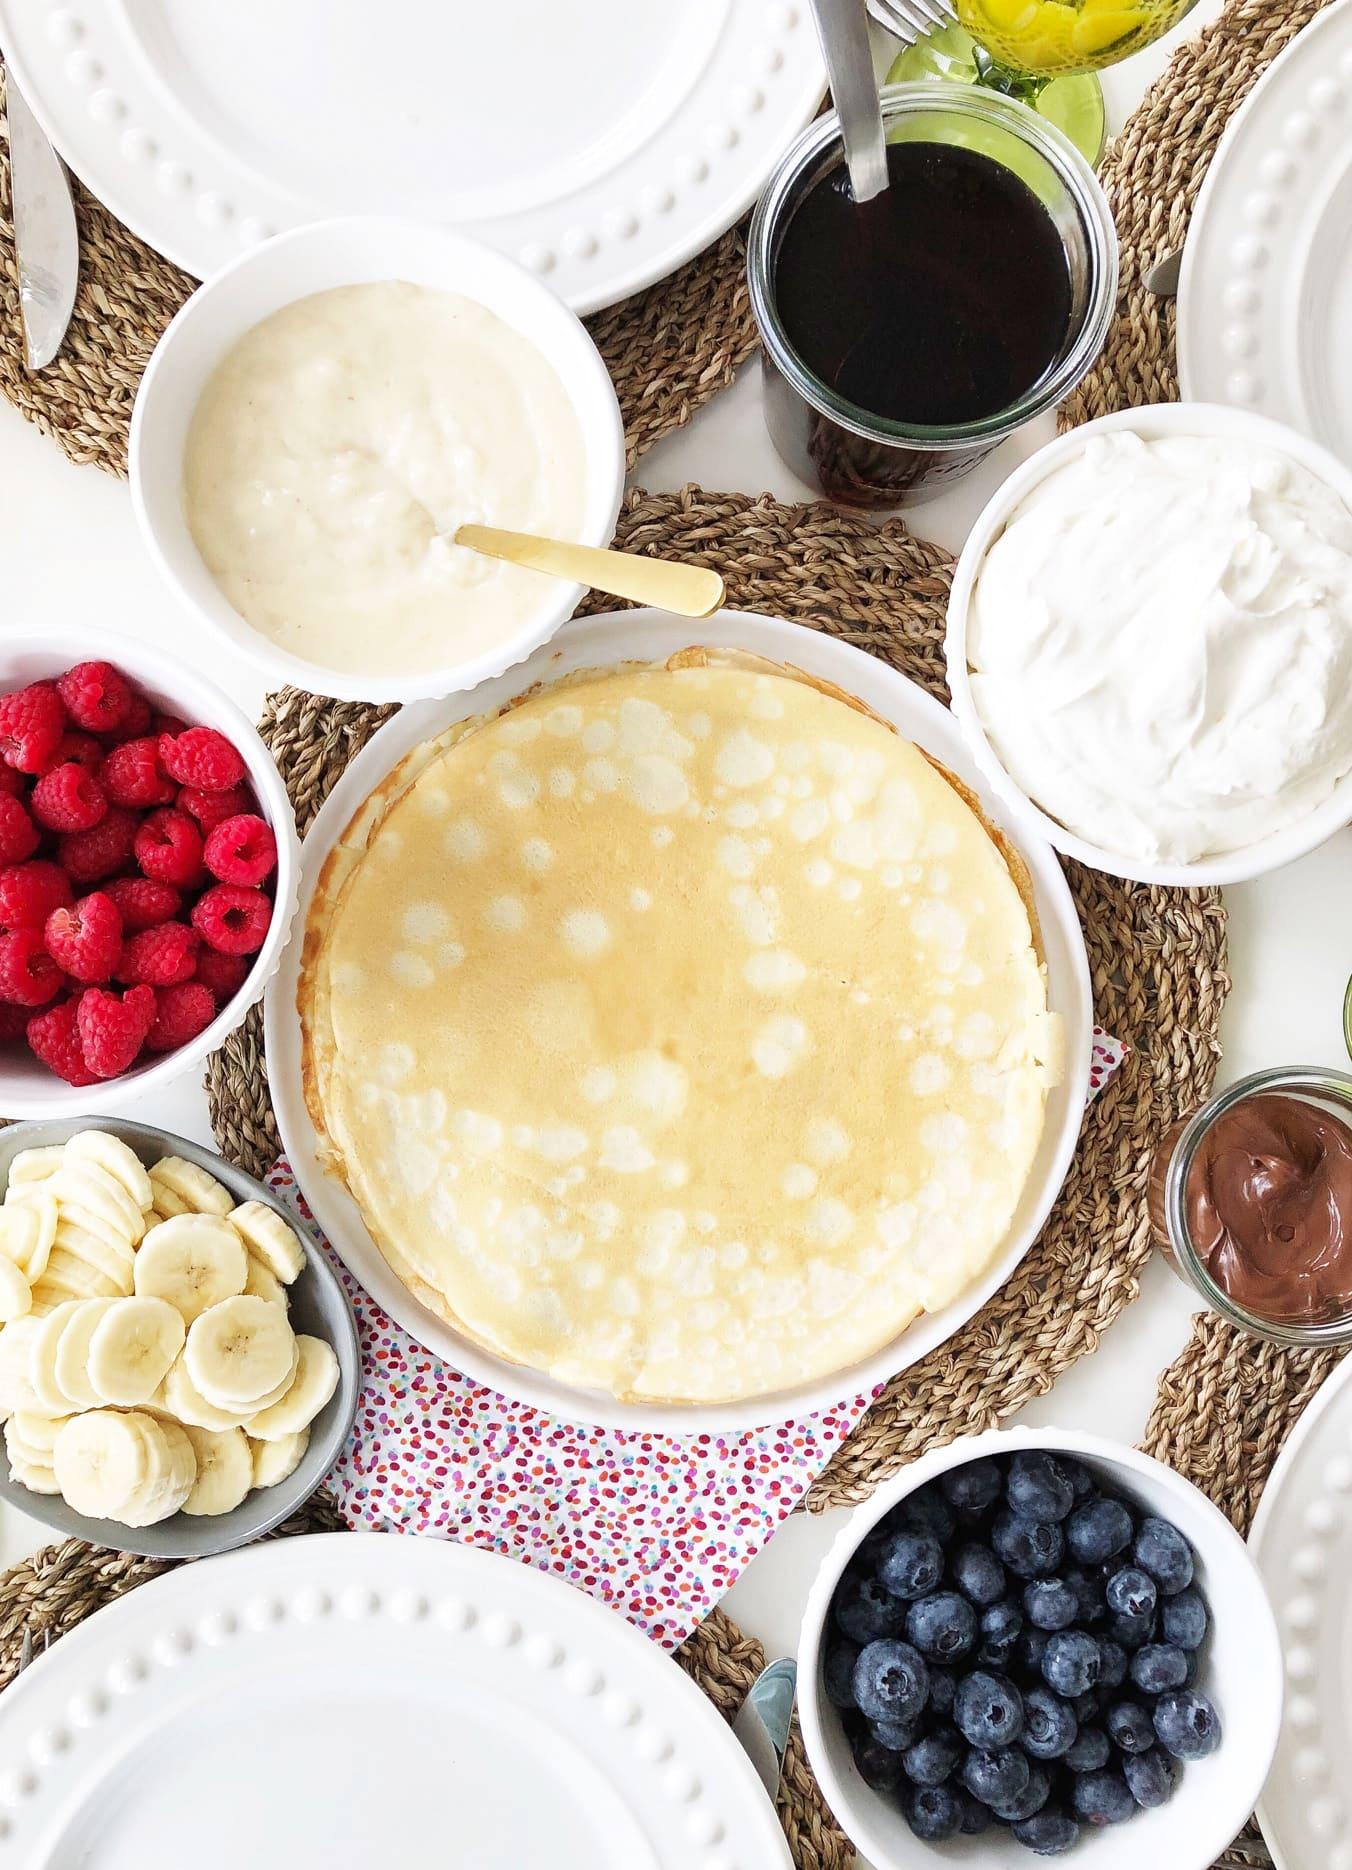 Delicious Crepe Recipe